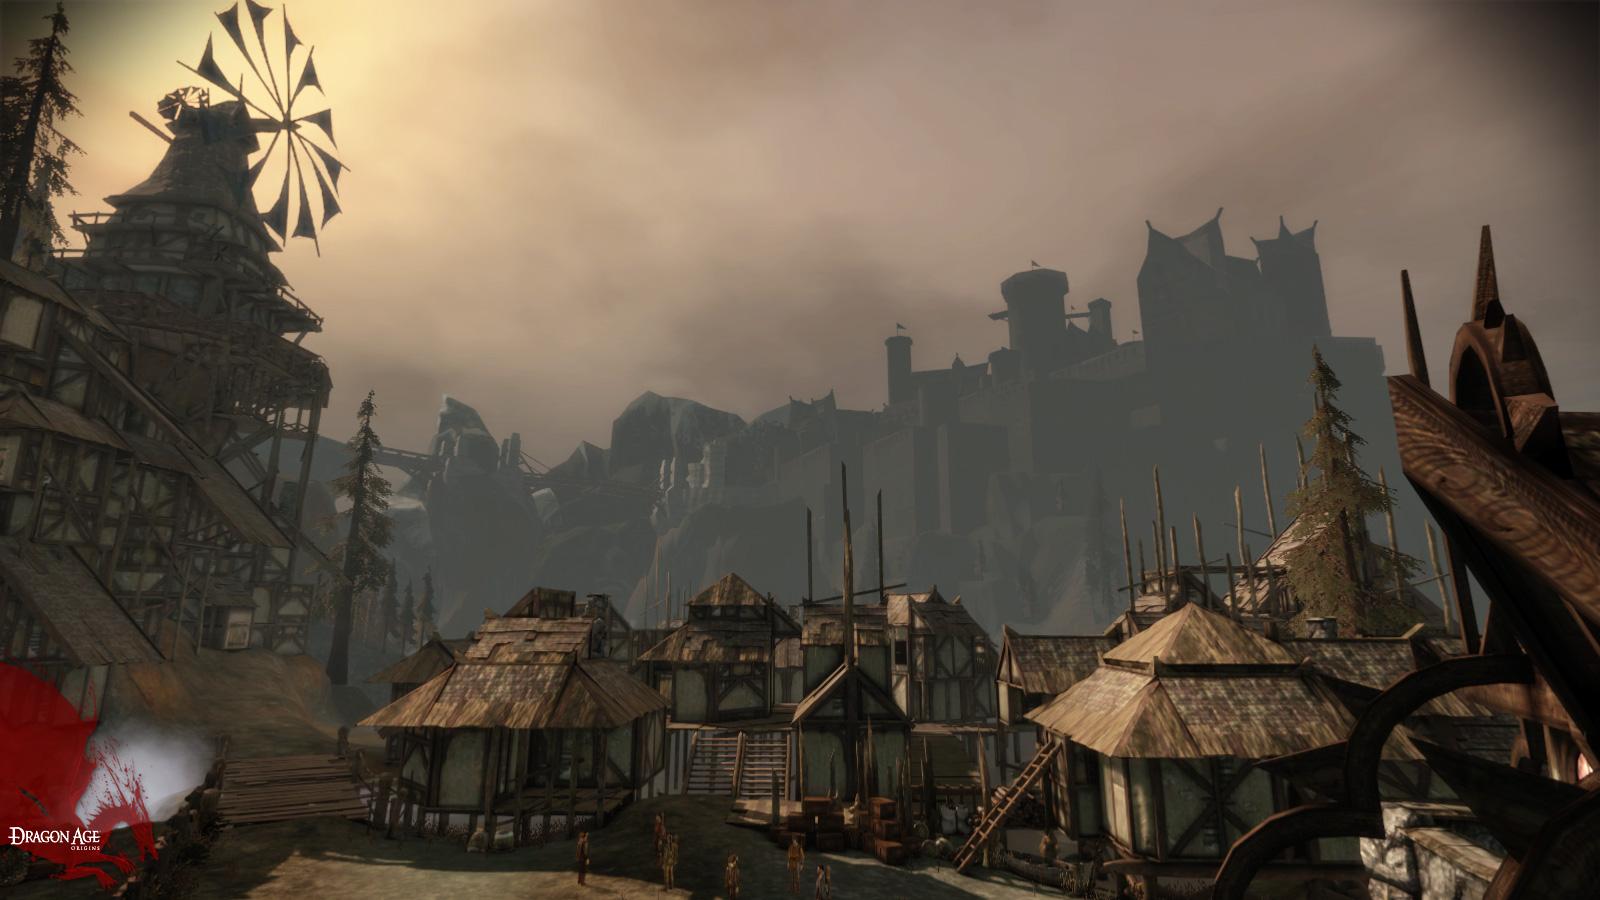 Галерея - Dragon Age:Origins - RPG Area - игры, новости, обзоры